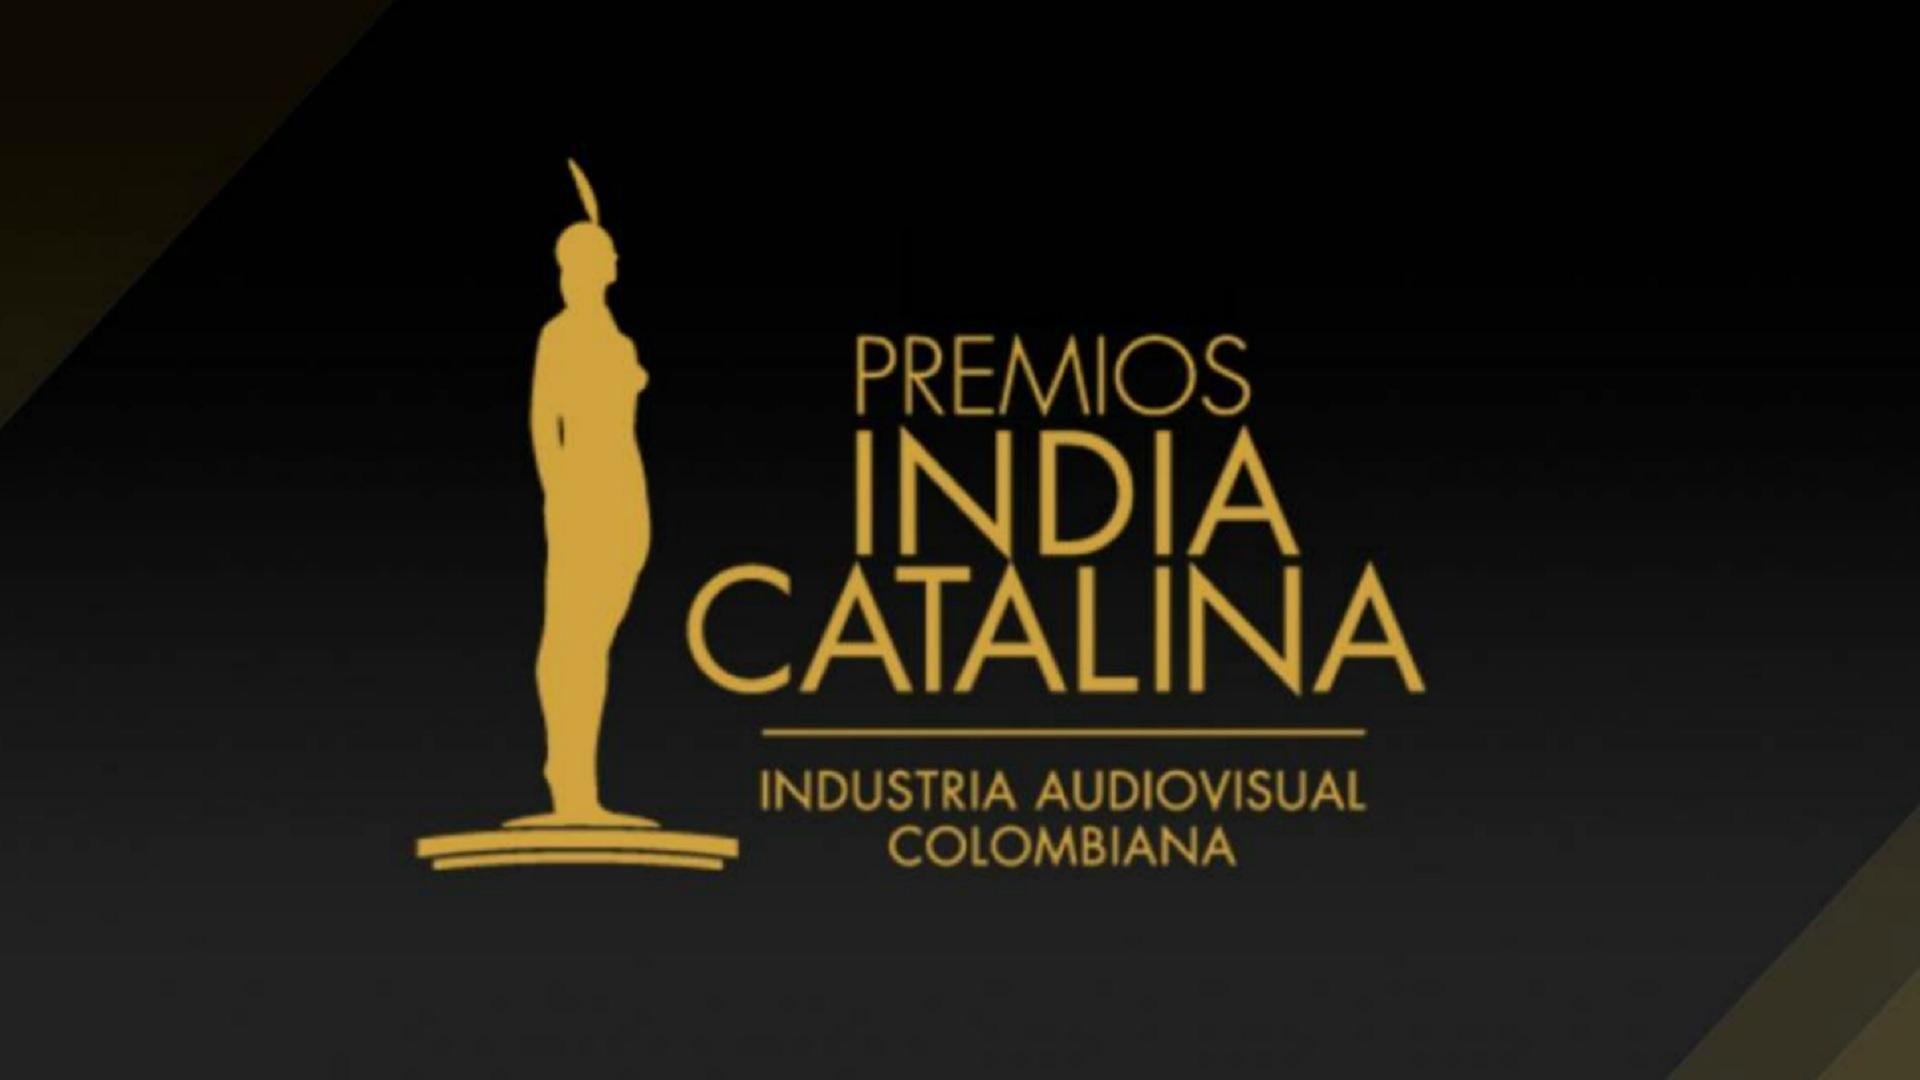 canal-rcn-arraso-en-los-premios-india-catalina.jpg